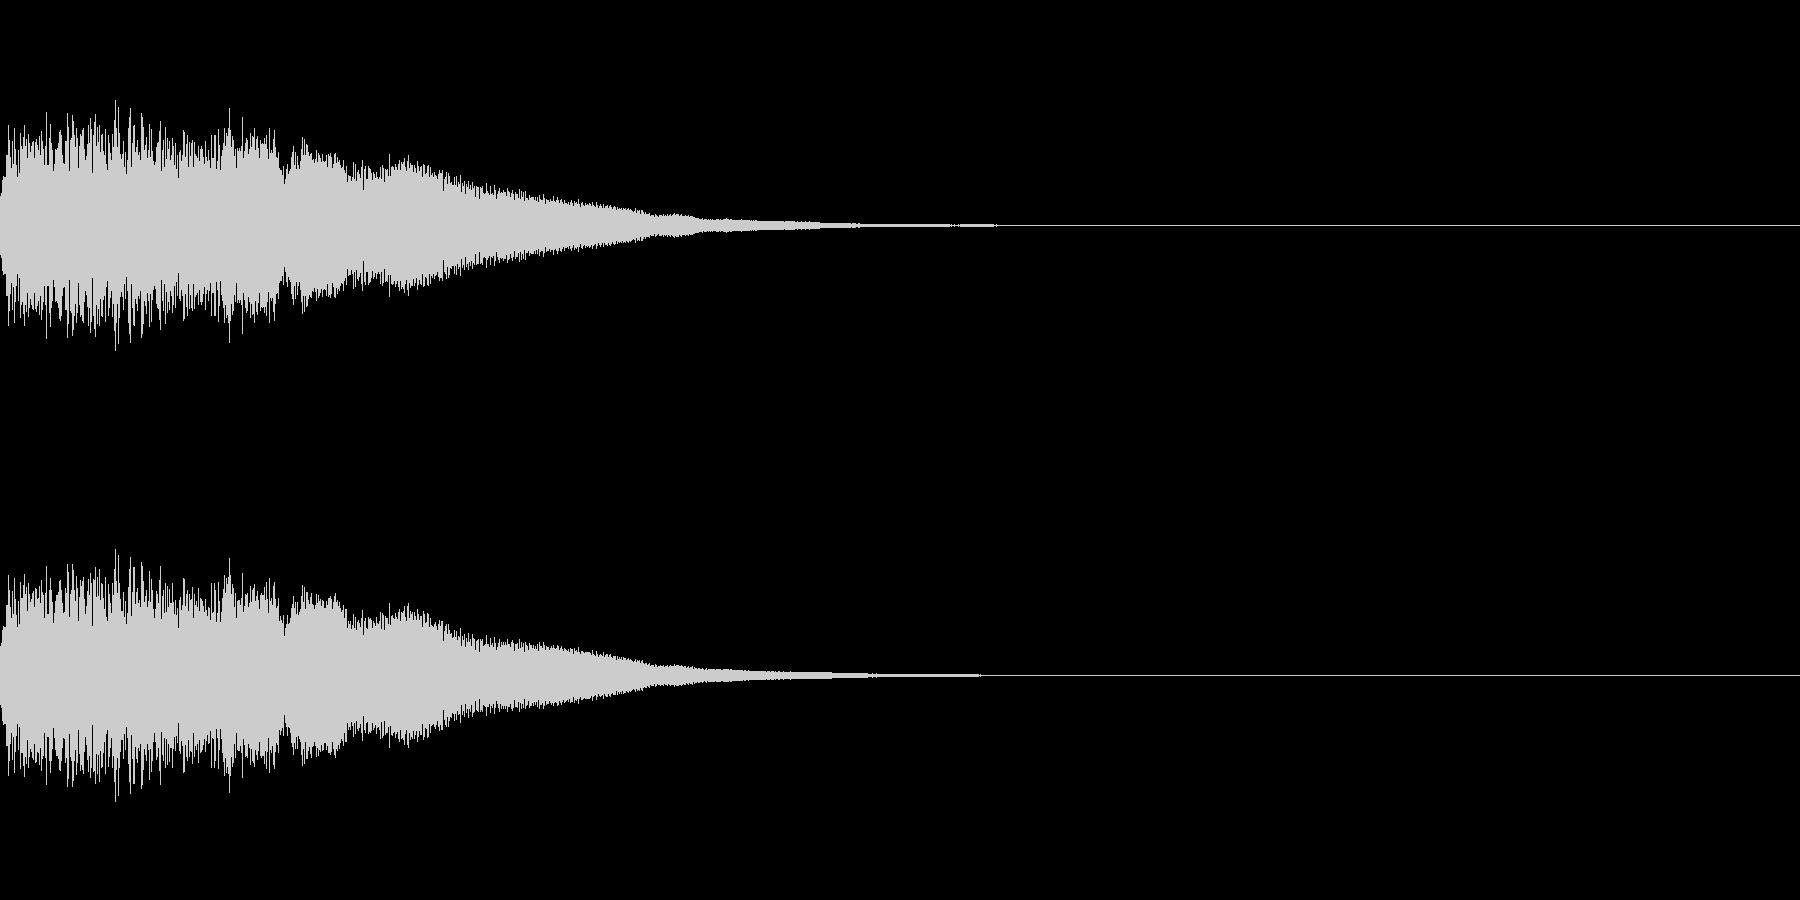 刀、剣、ロボット足音、機械音の未再生の波形